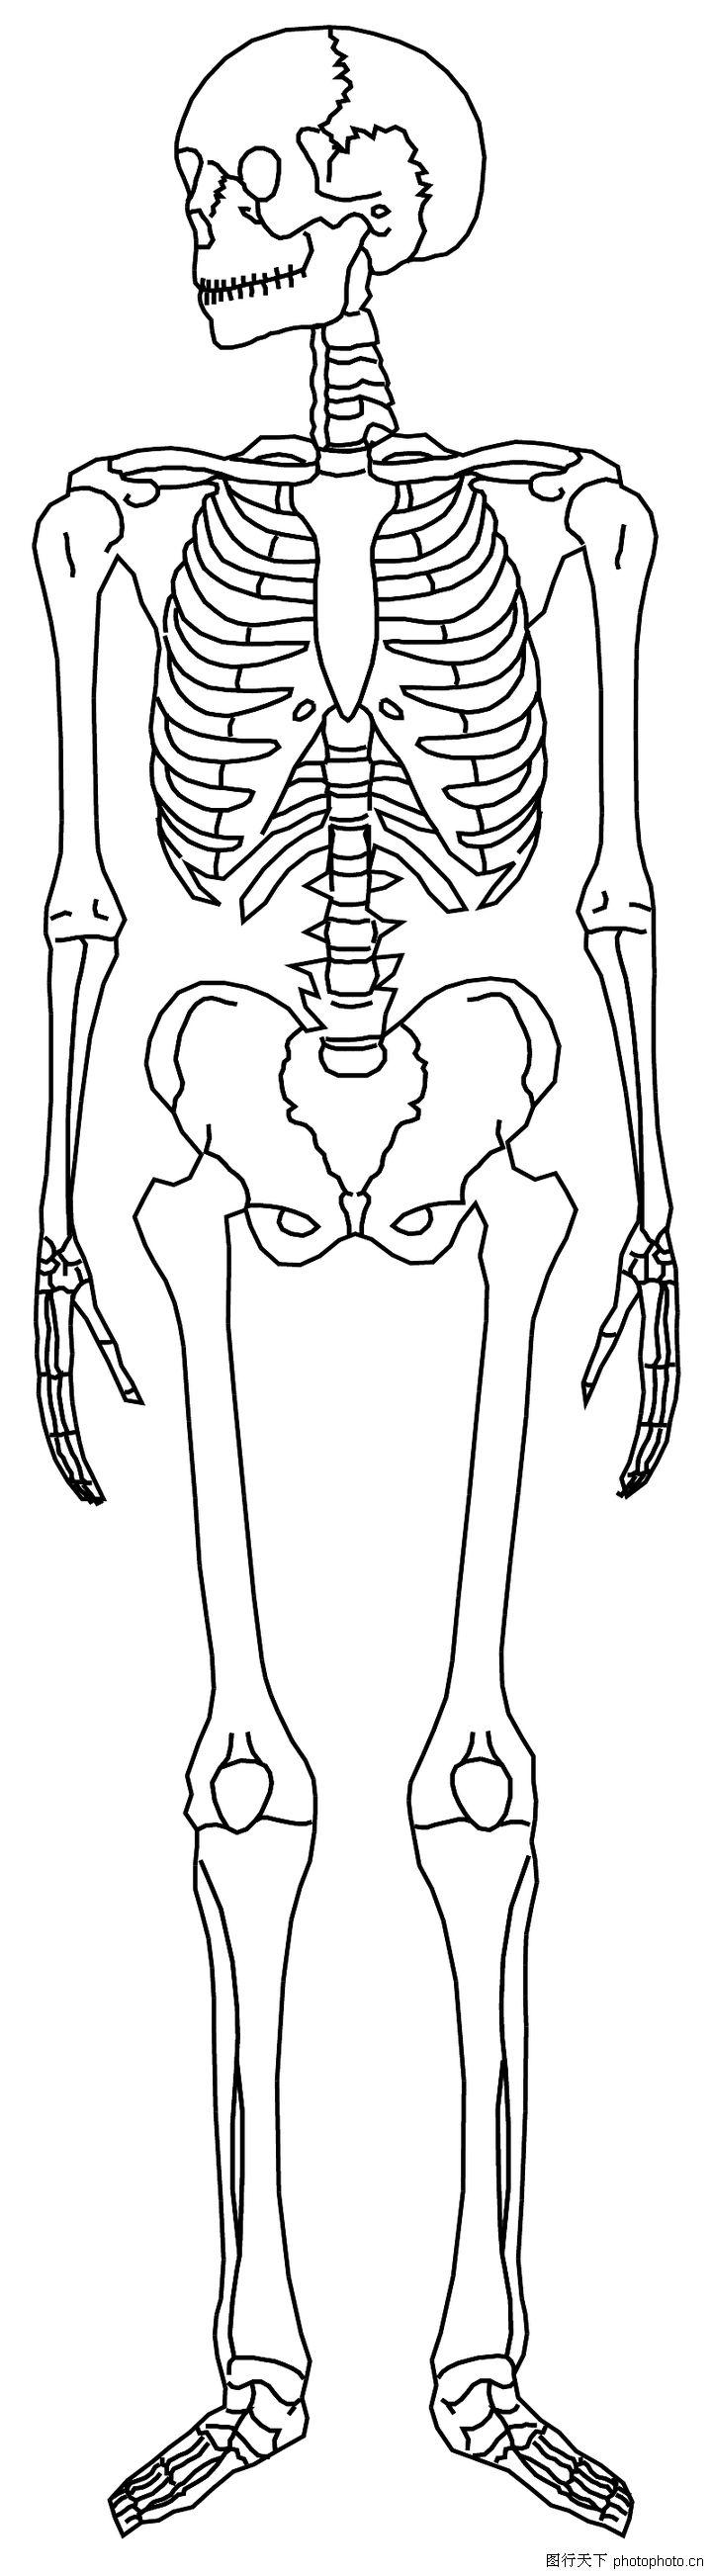 手绘人体格临图